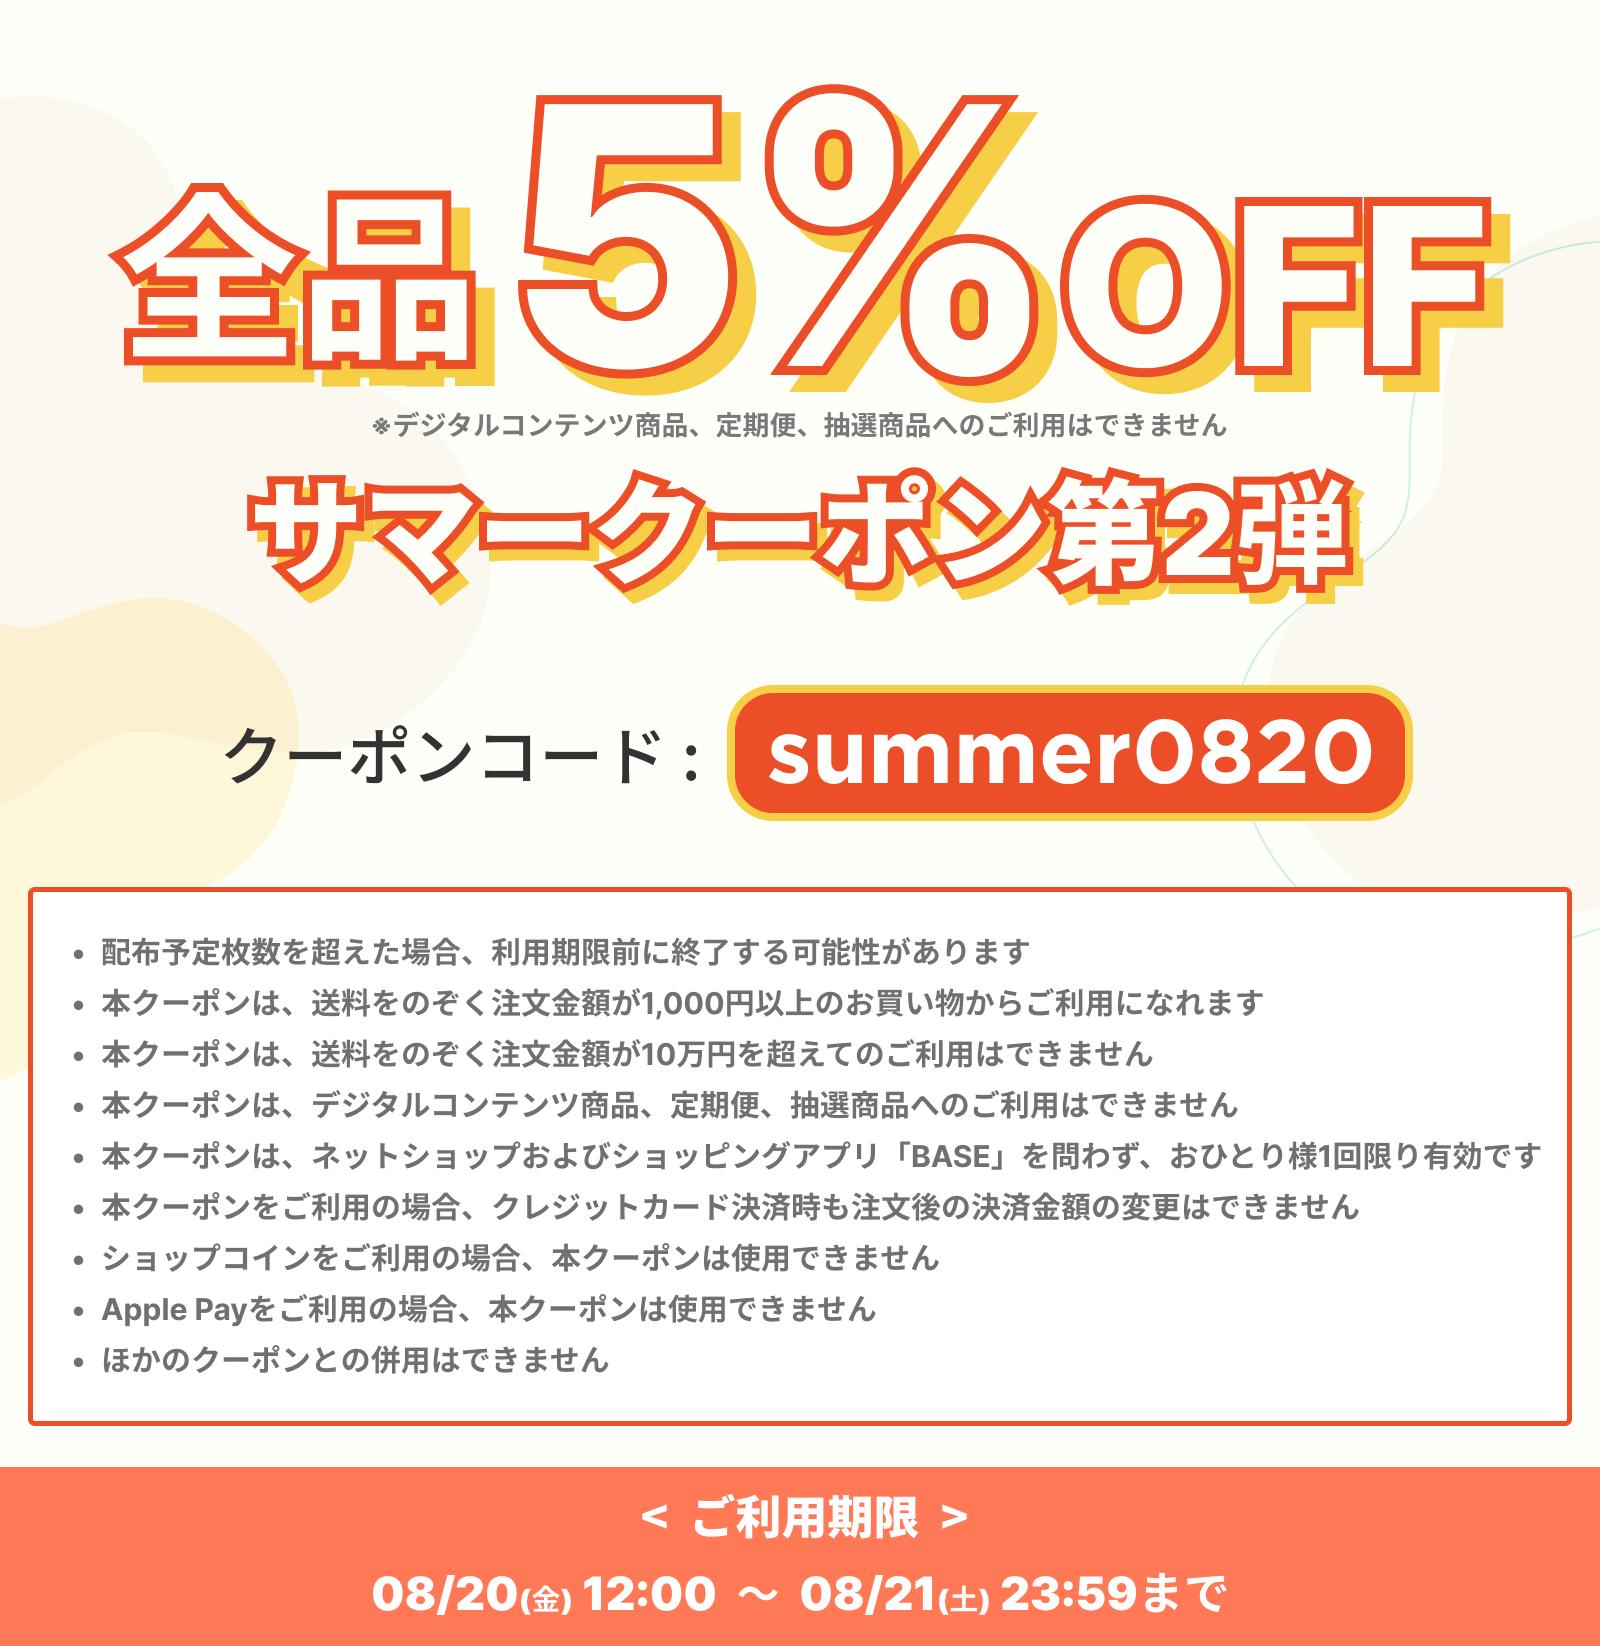 【セール告知】8/20~8/21 全品5%オフ!